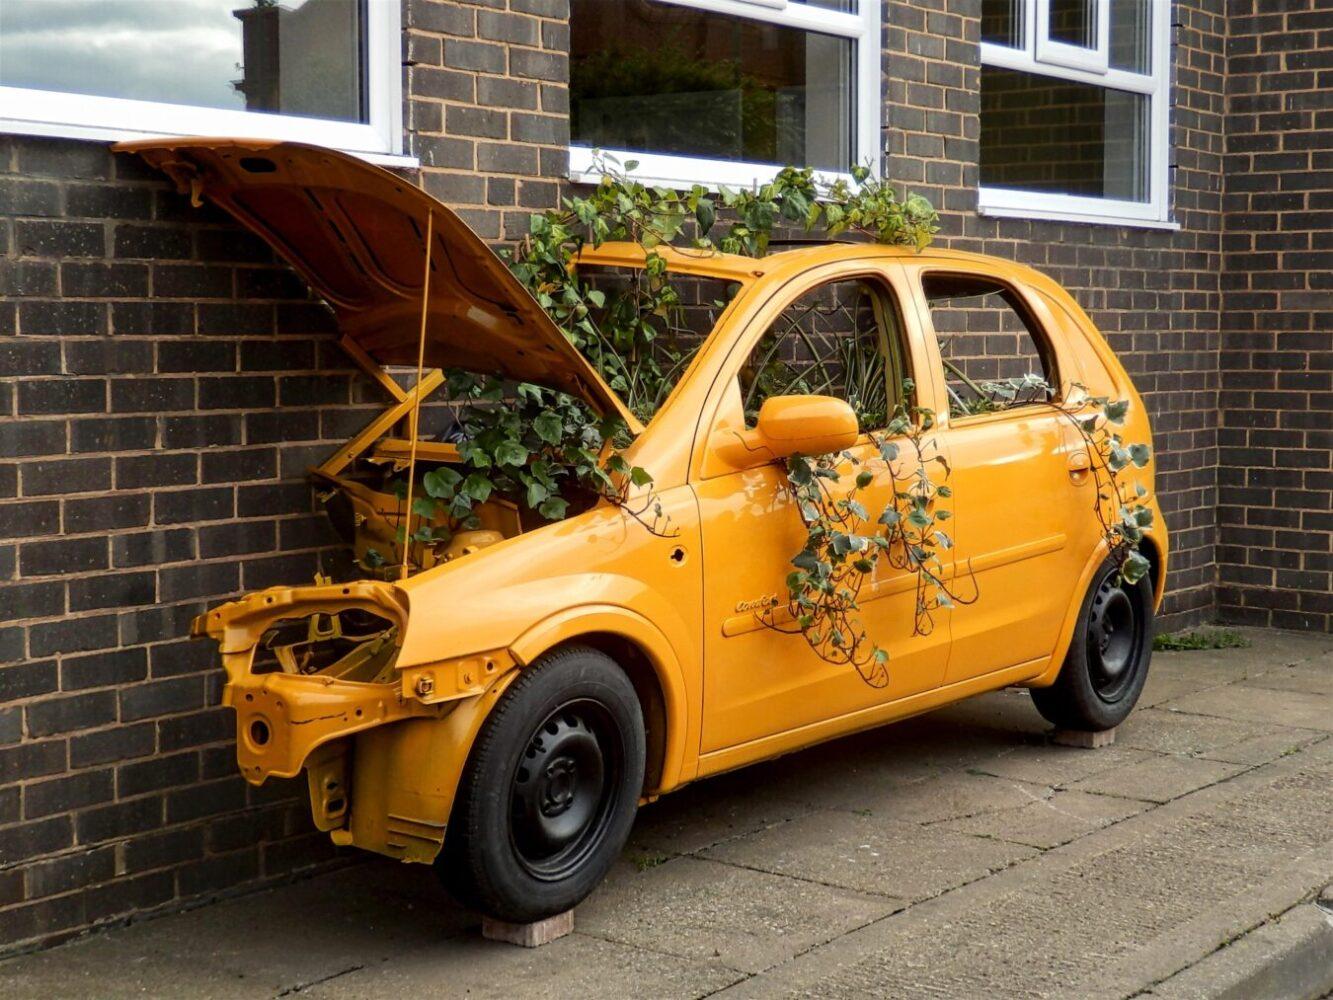 Repurposed car planter